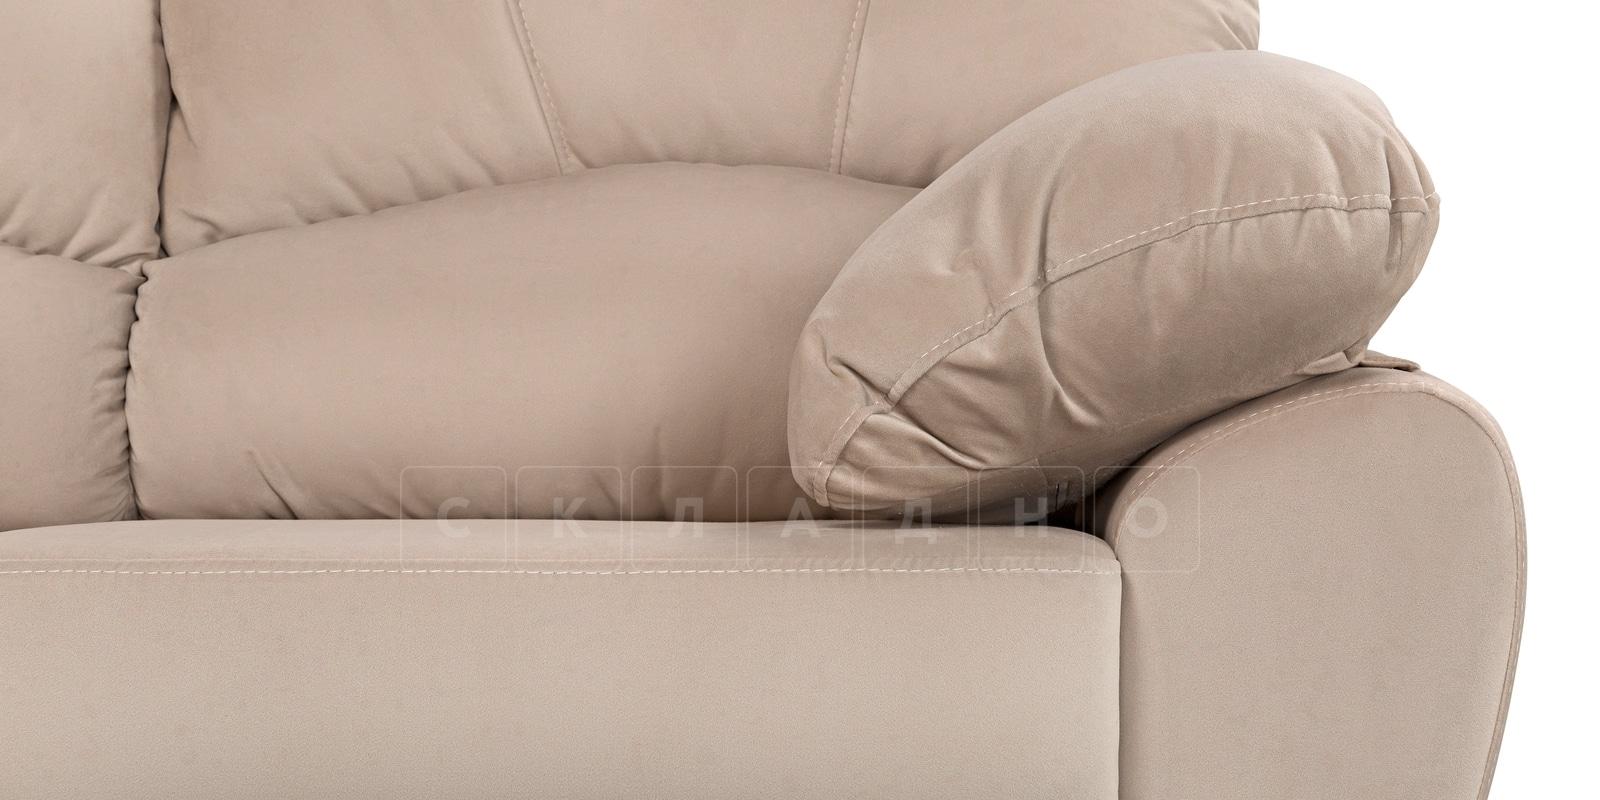 Угловой диван Эвита велюр бежевый правый угол фото 6 | интернет-магазин Складно